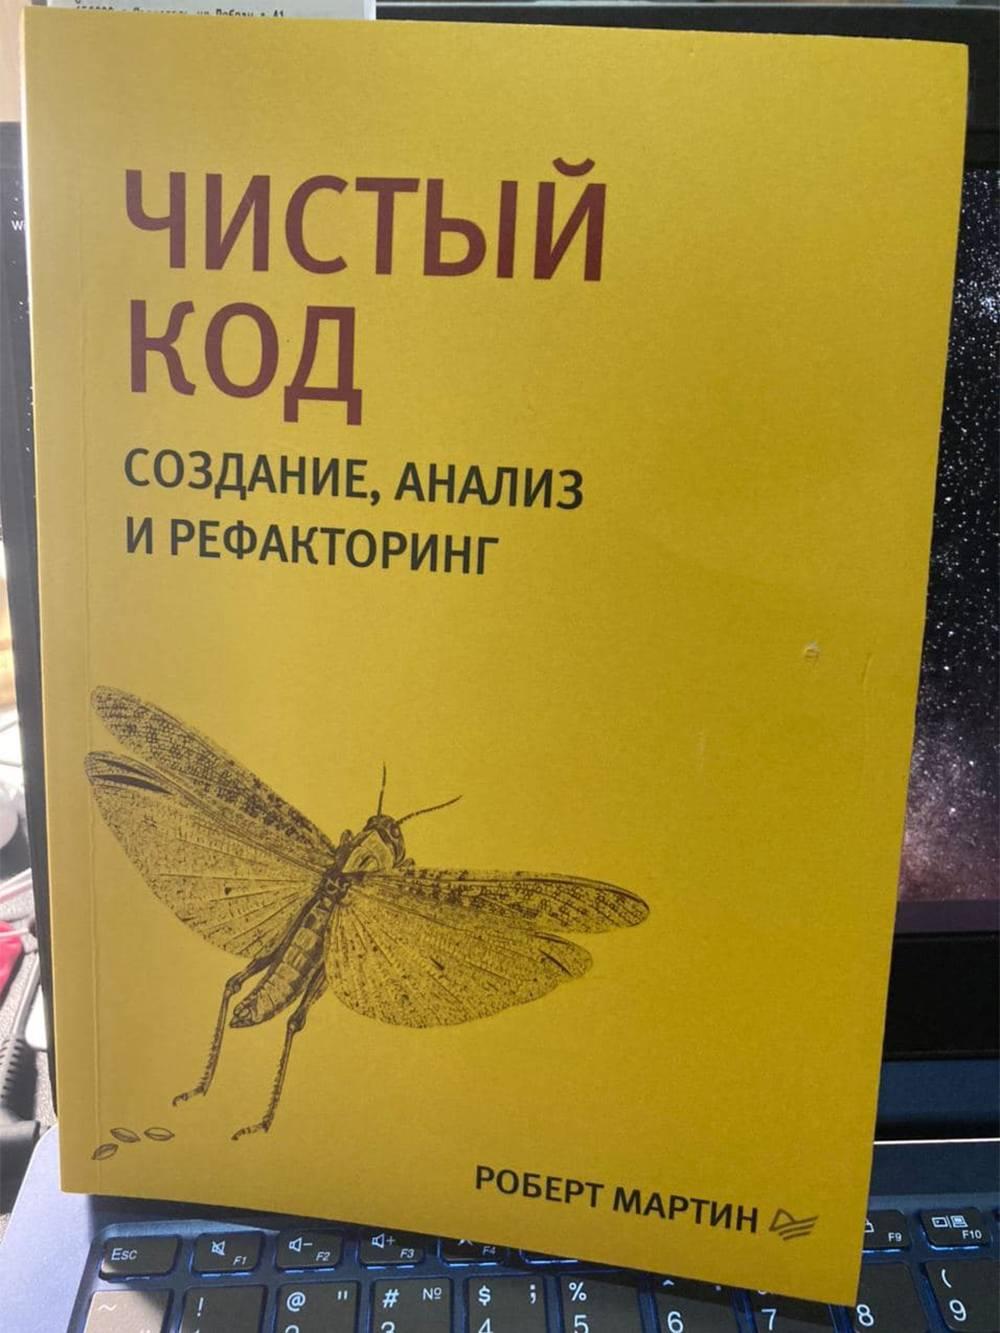 Вот такая у меня книга